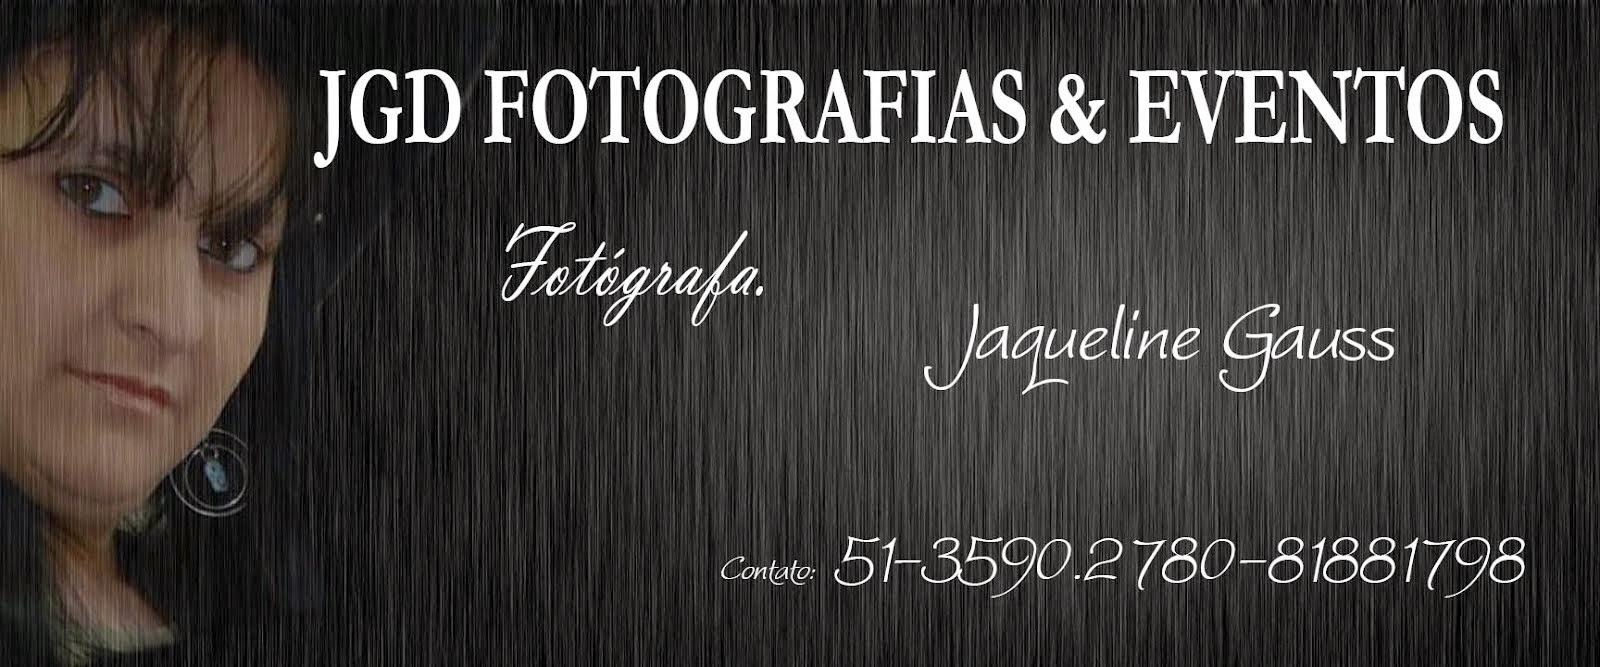 JGD FOTOGRAFIAS & EVENTOS